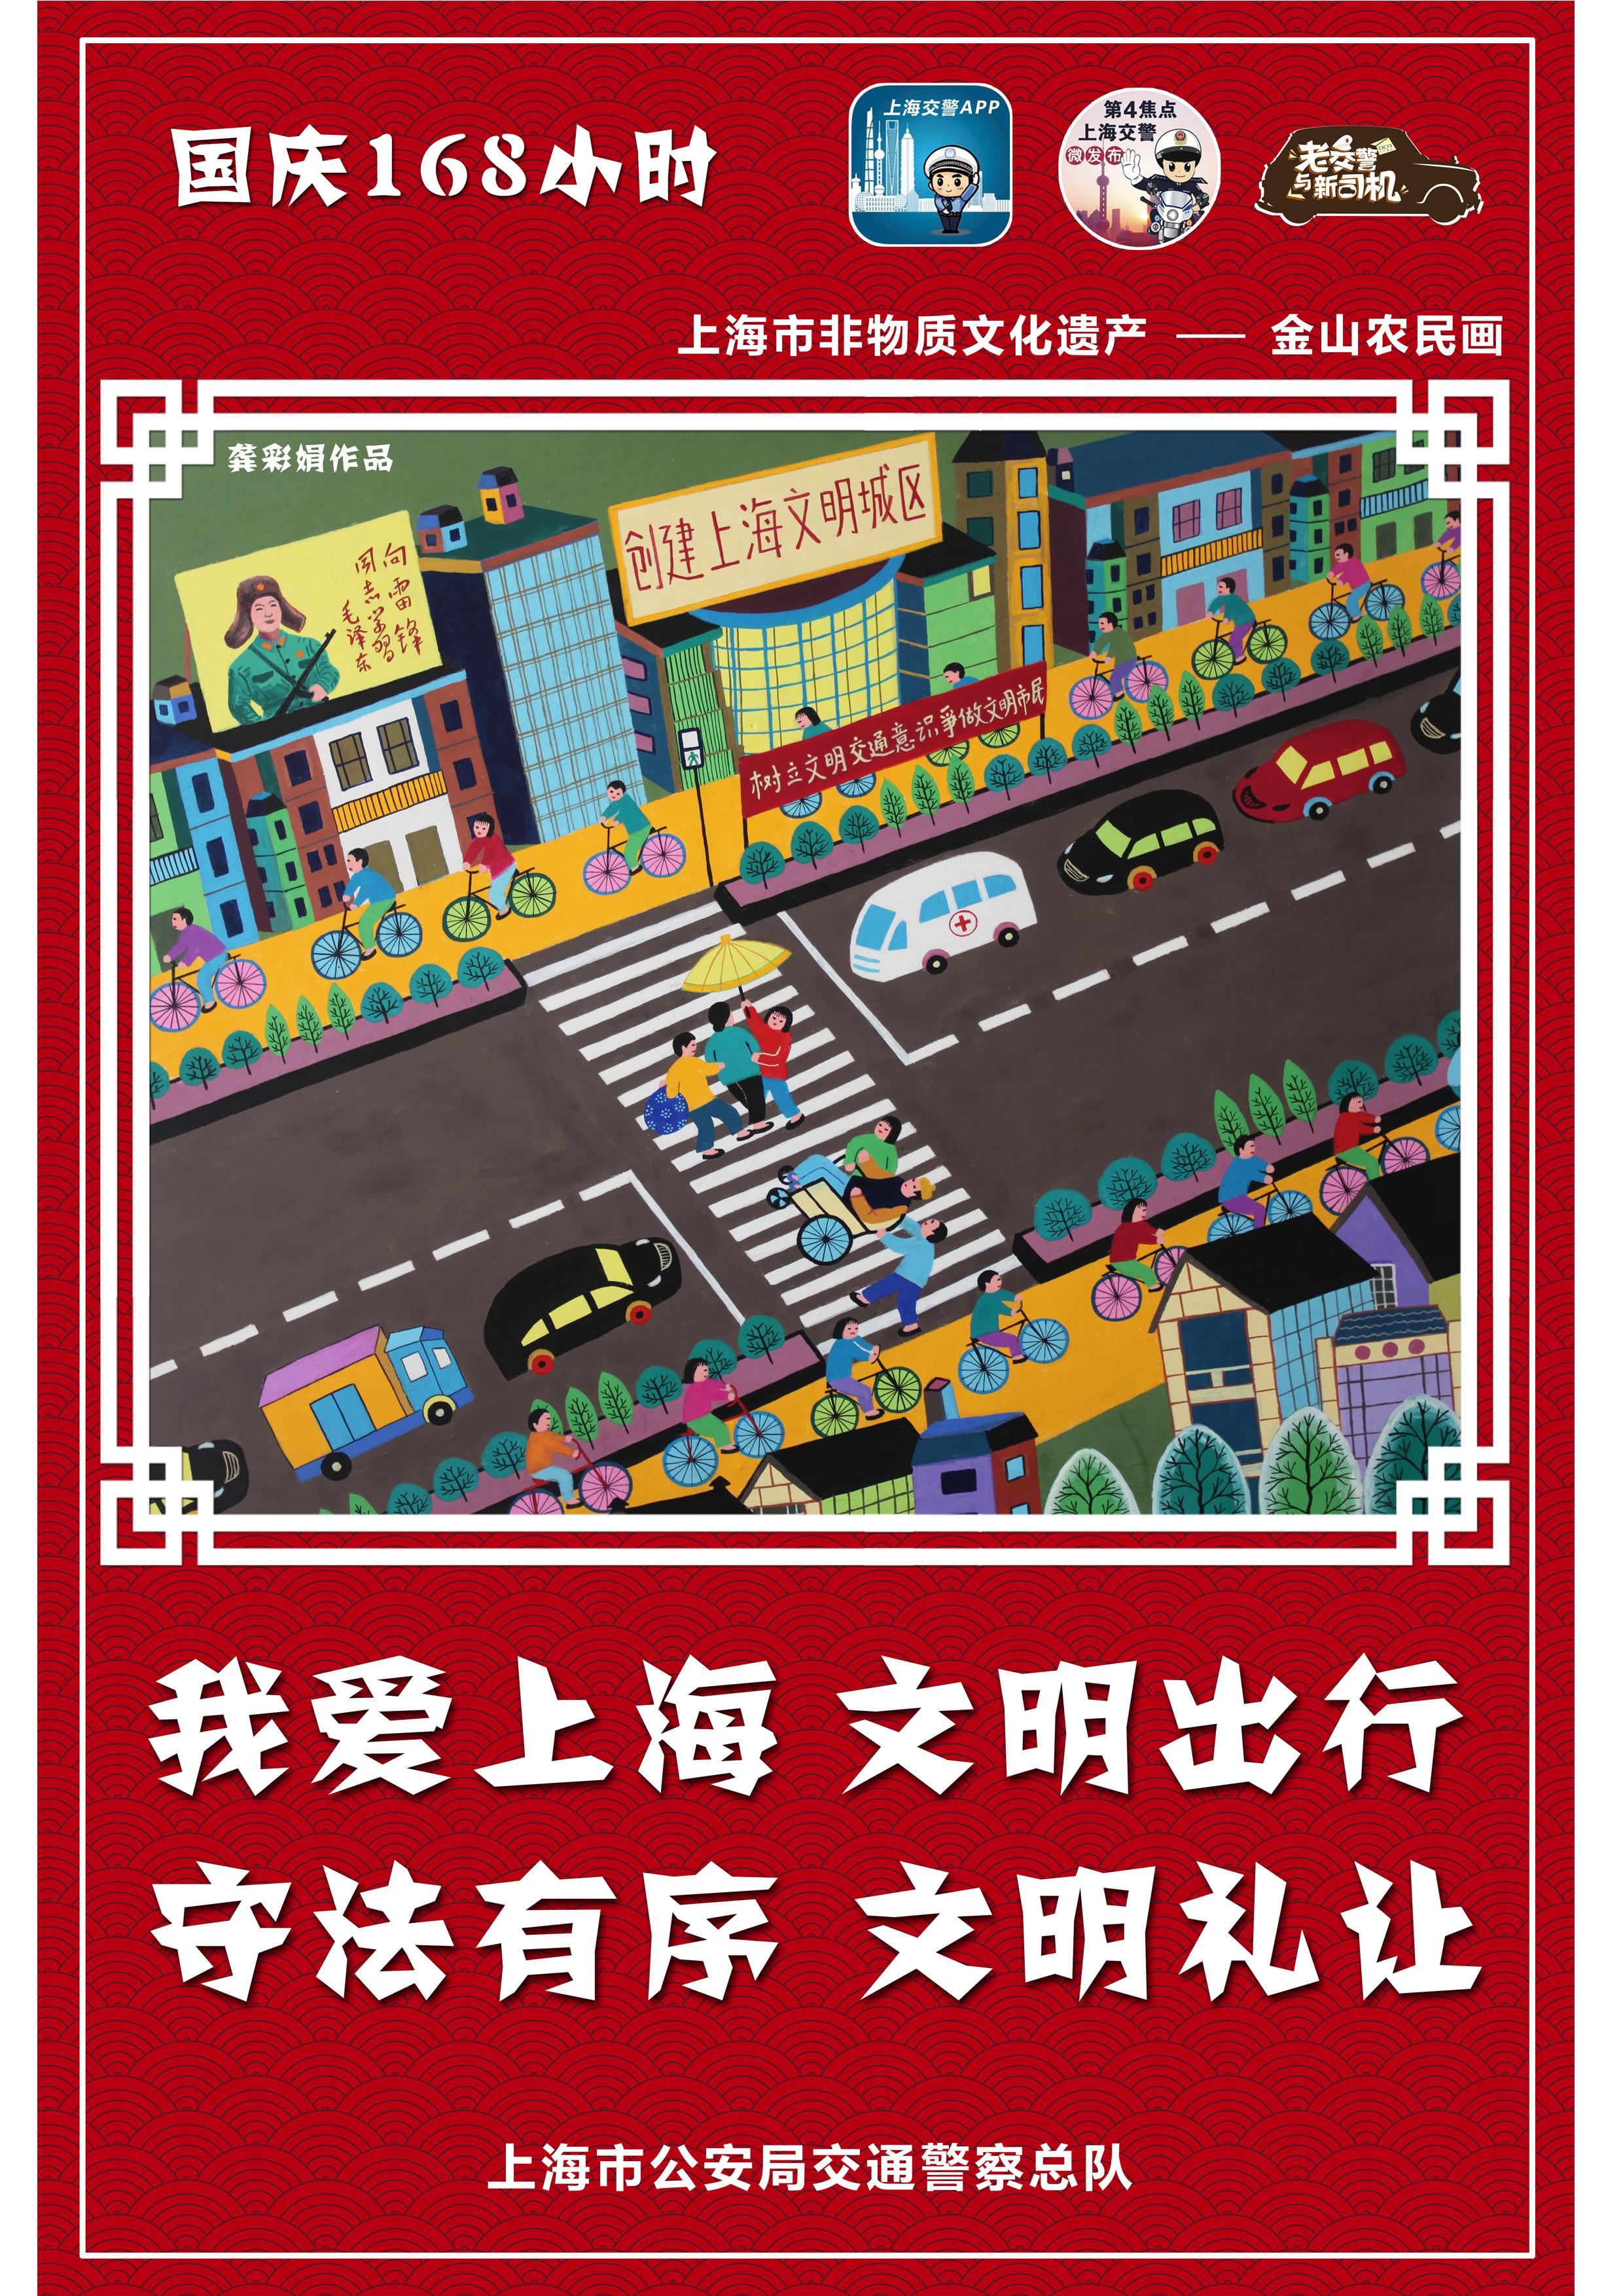 交通安全宣传作品一等奖:1-423国庆168小时——金山农民画系列